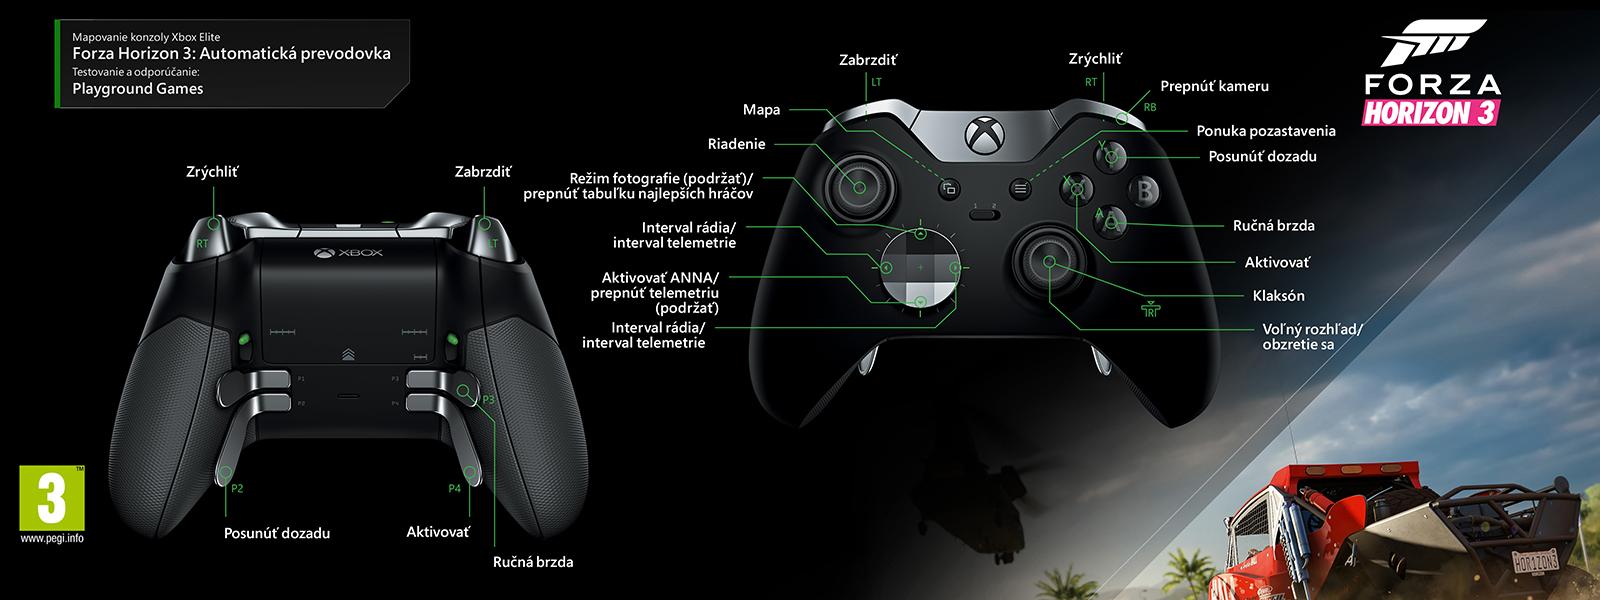 Mapovanie ovládača Elite na automatický prevod v hre Forza Horizon 3